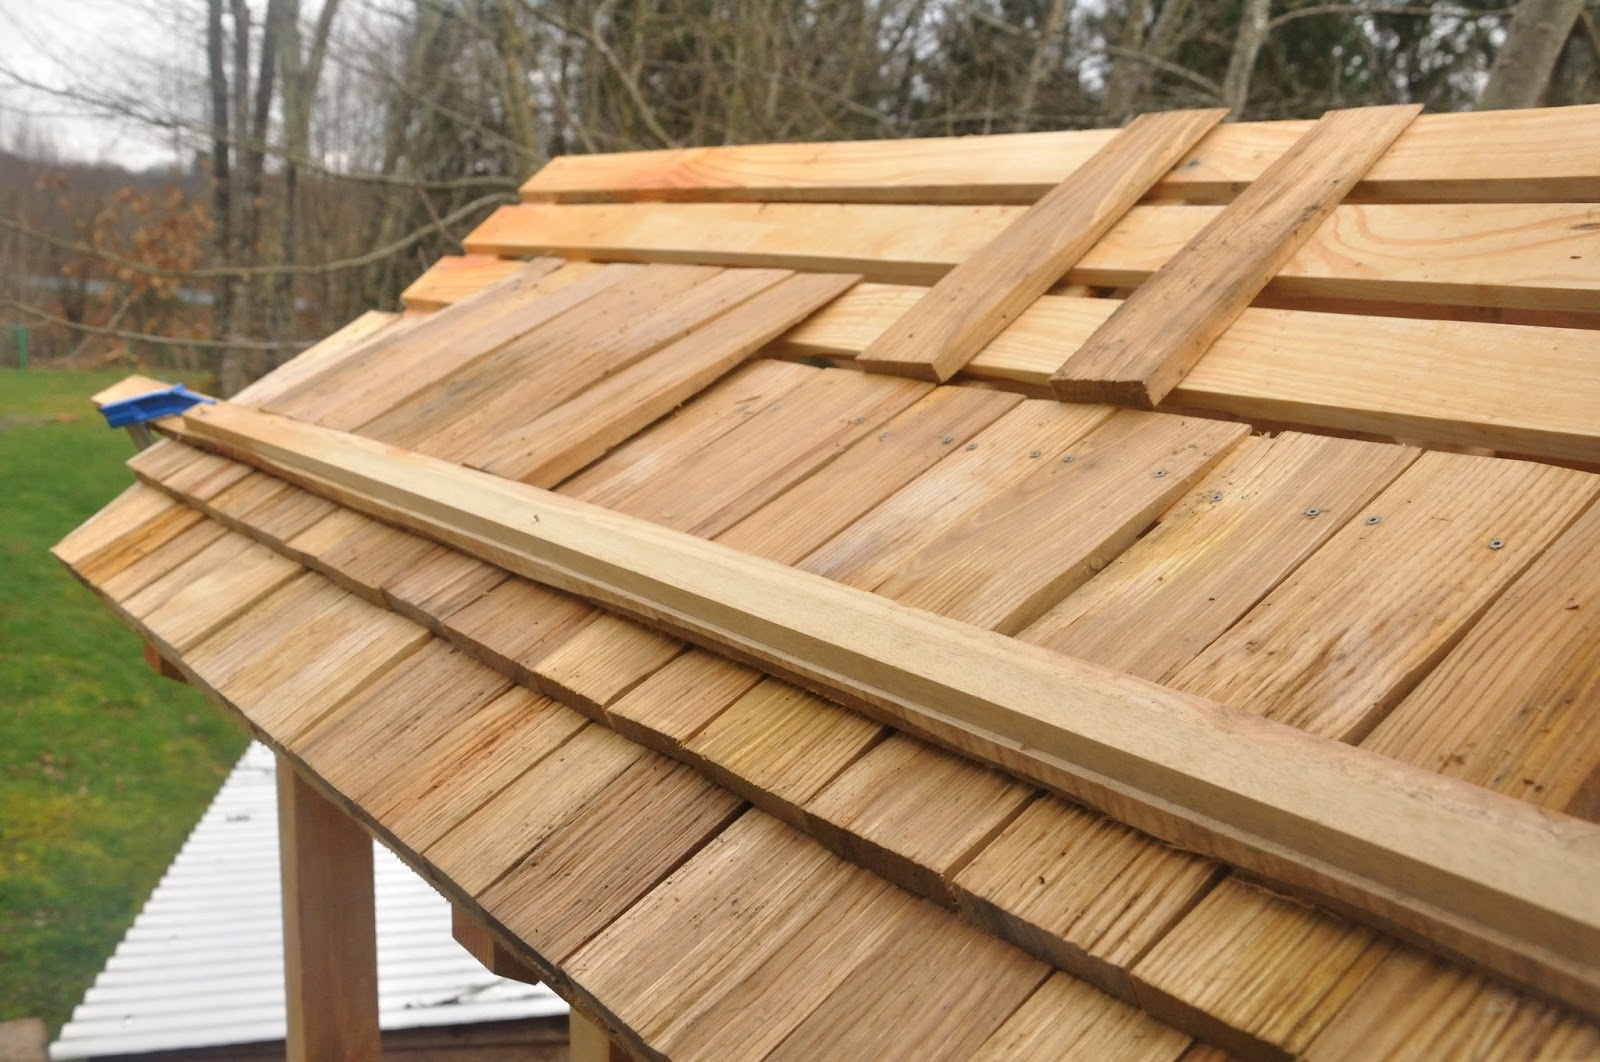 pose bardeaux bois fabricant bardeaux tavaillons tuiles bois pour toiture et toits luancienne. Black Bedroom Furniture Sets. Home Design Ideas